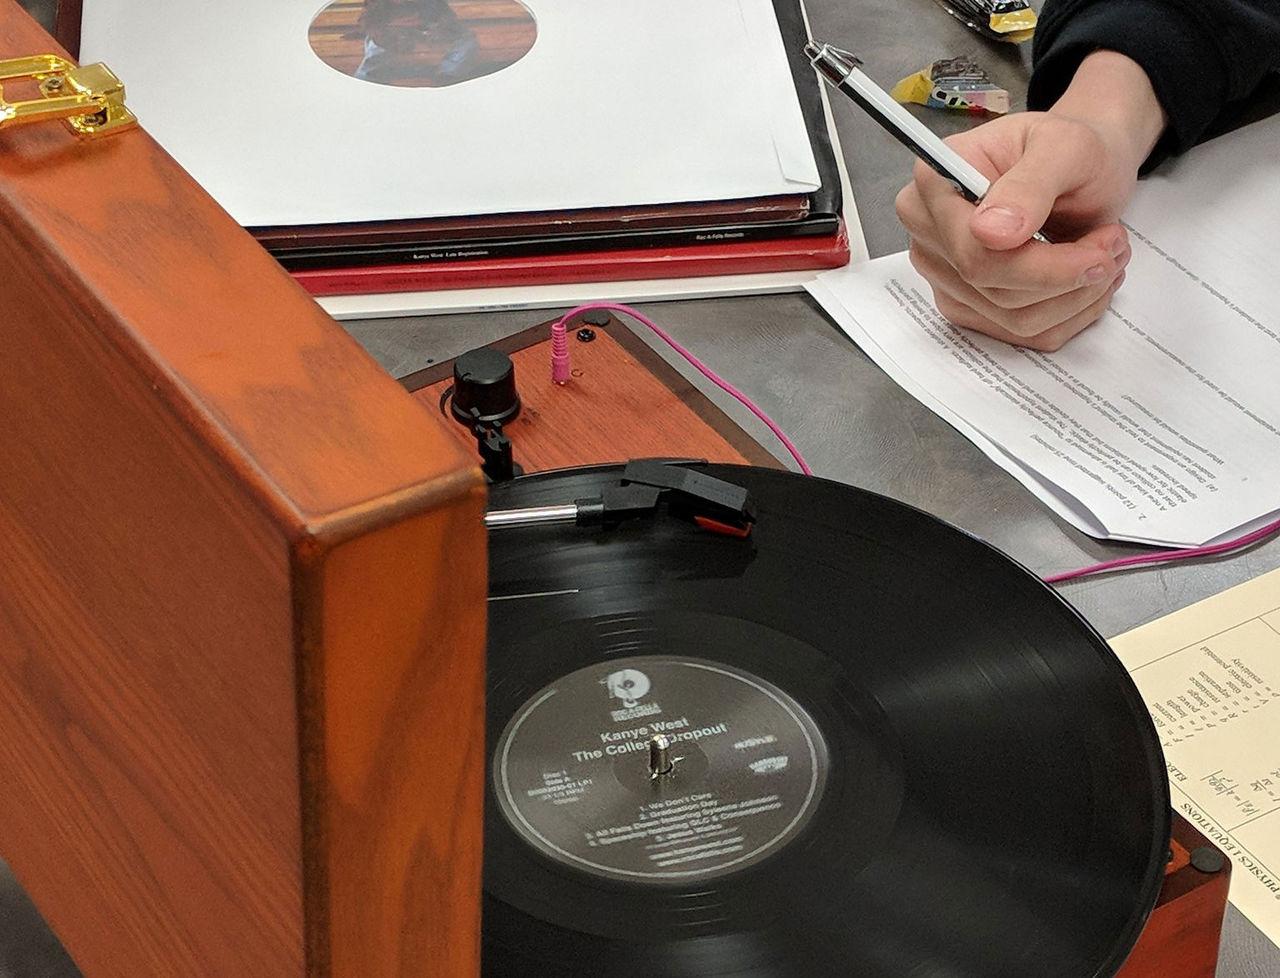 Skön kille tar med vinylspelare till prov i skolan